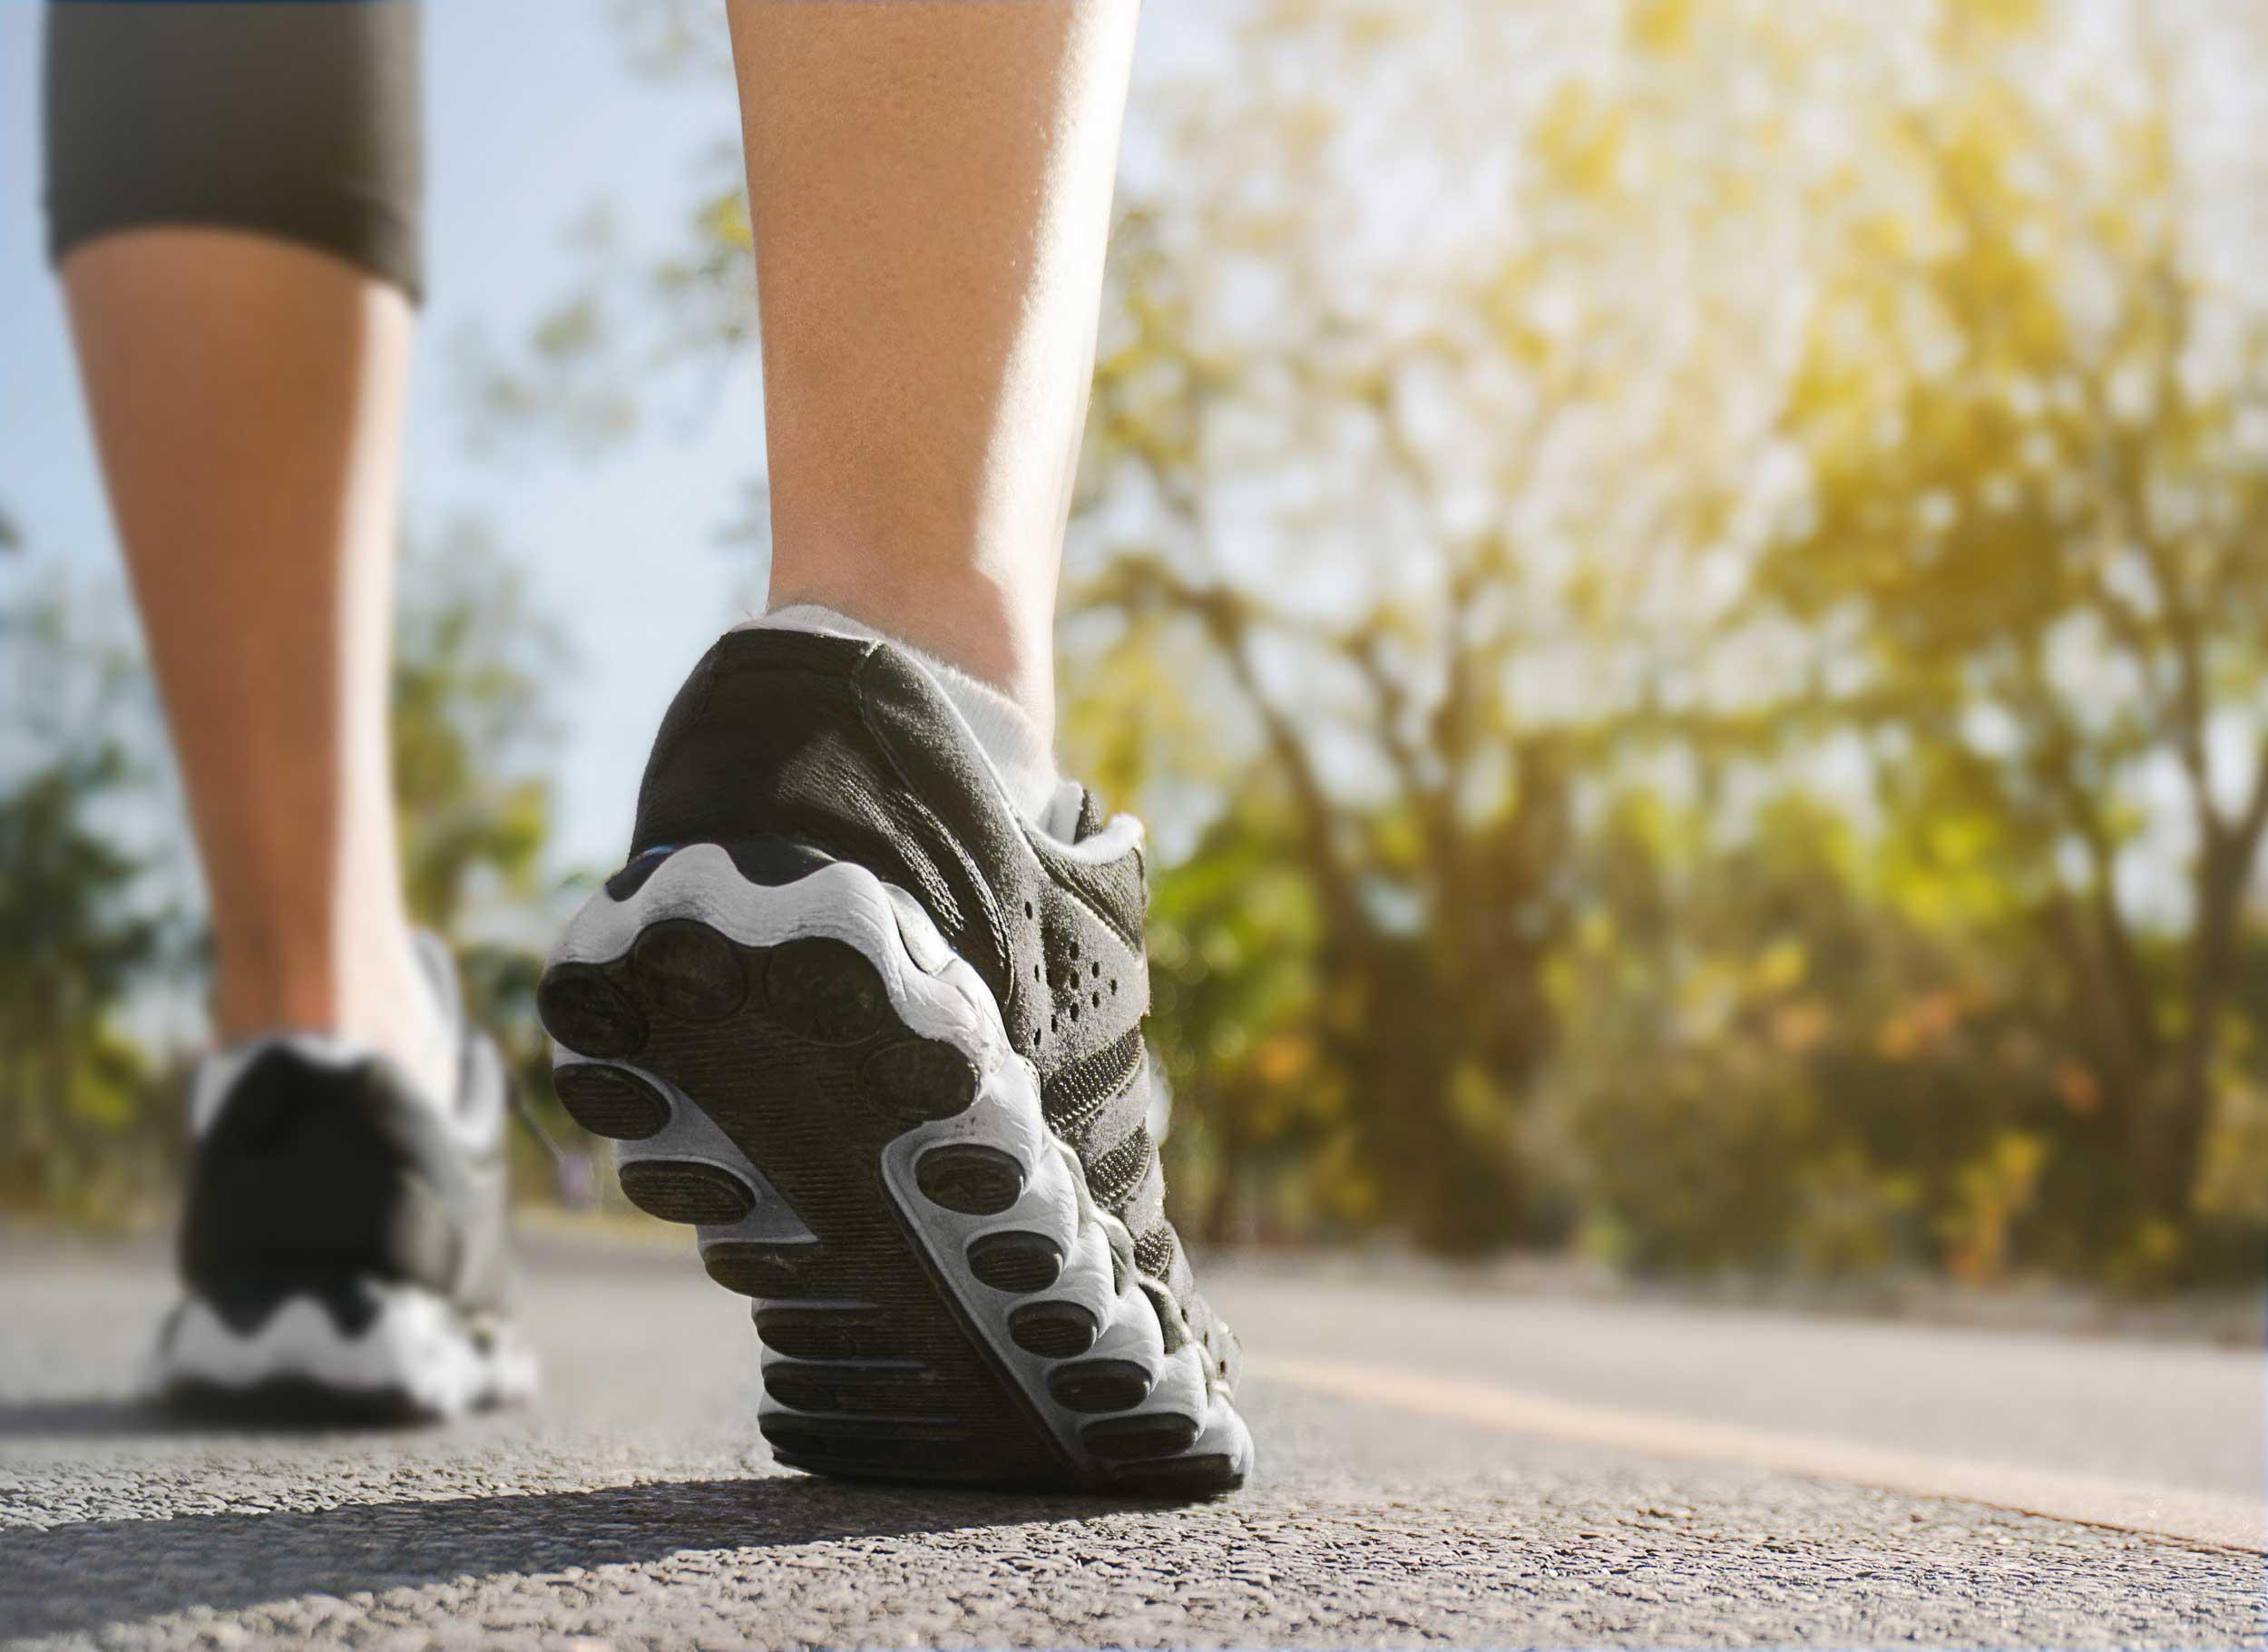 El ejercicio de larga duración y baja intensidad asegura bajar de peso